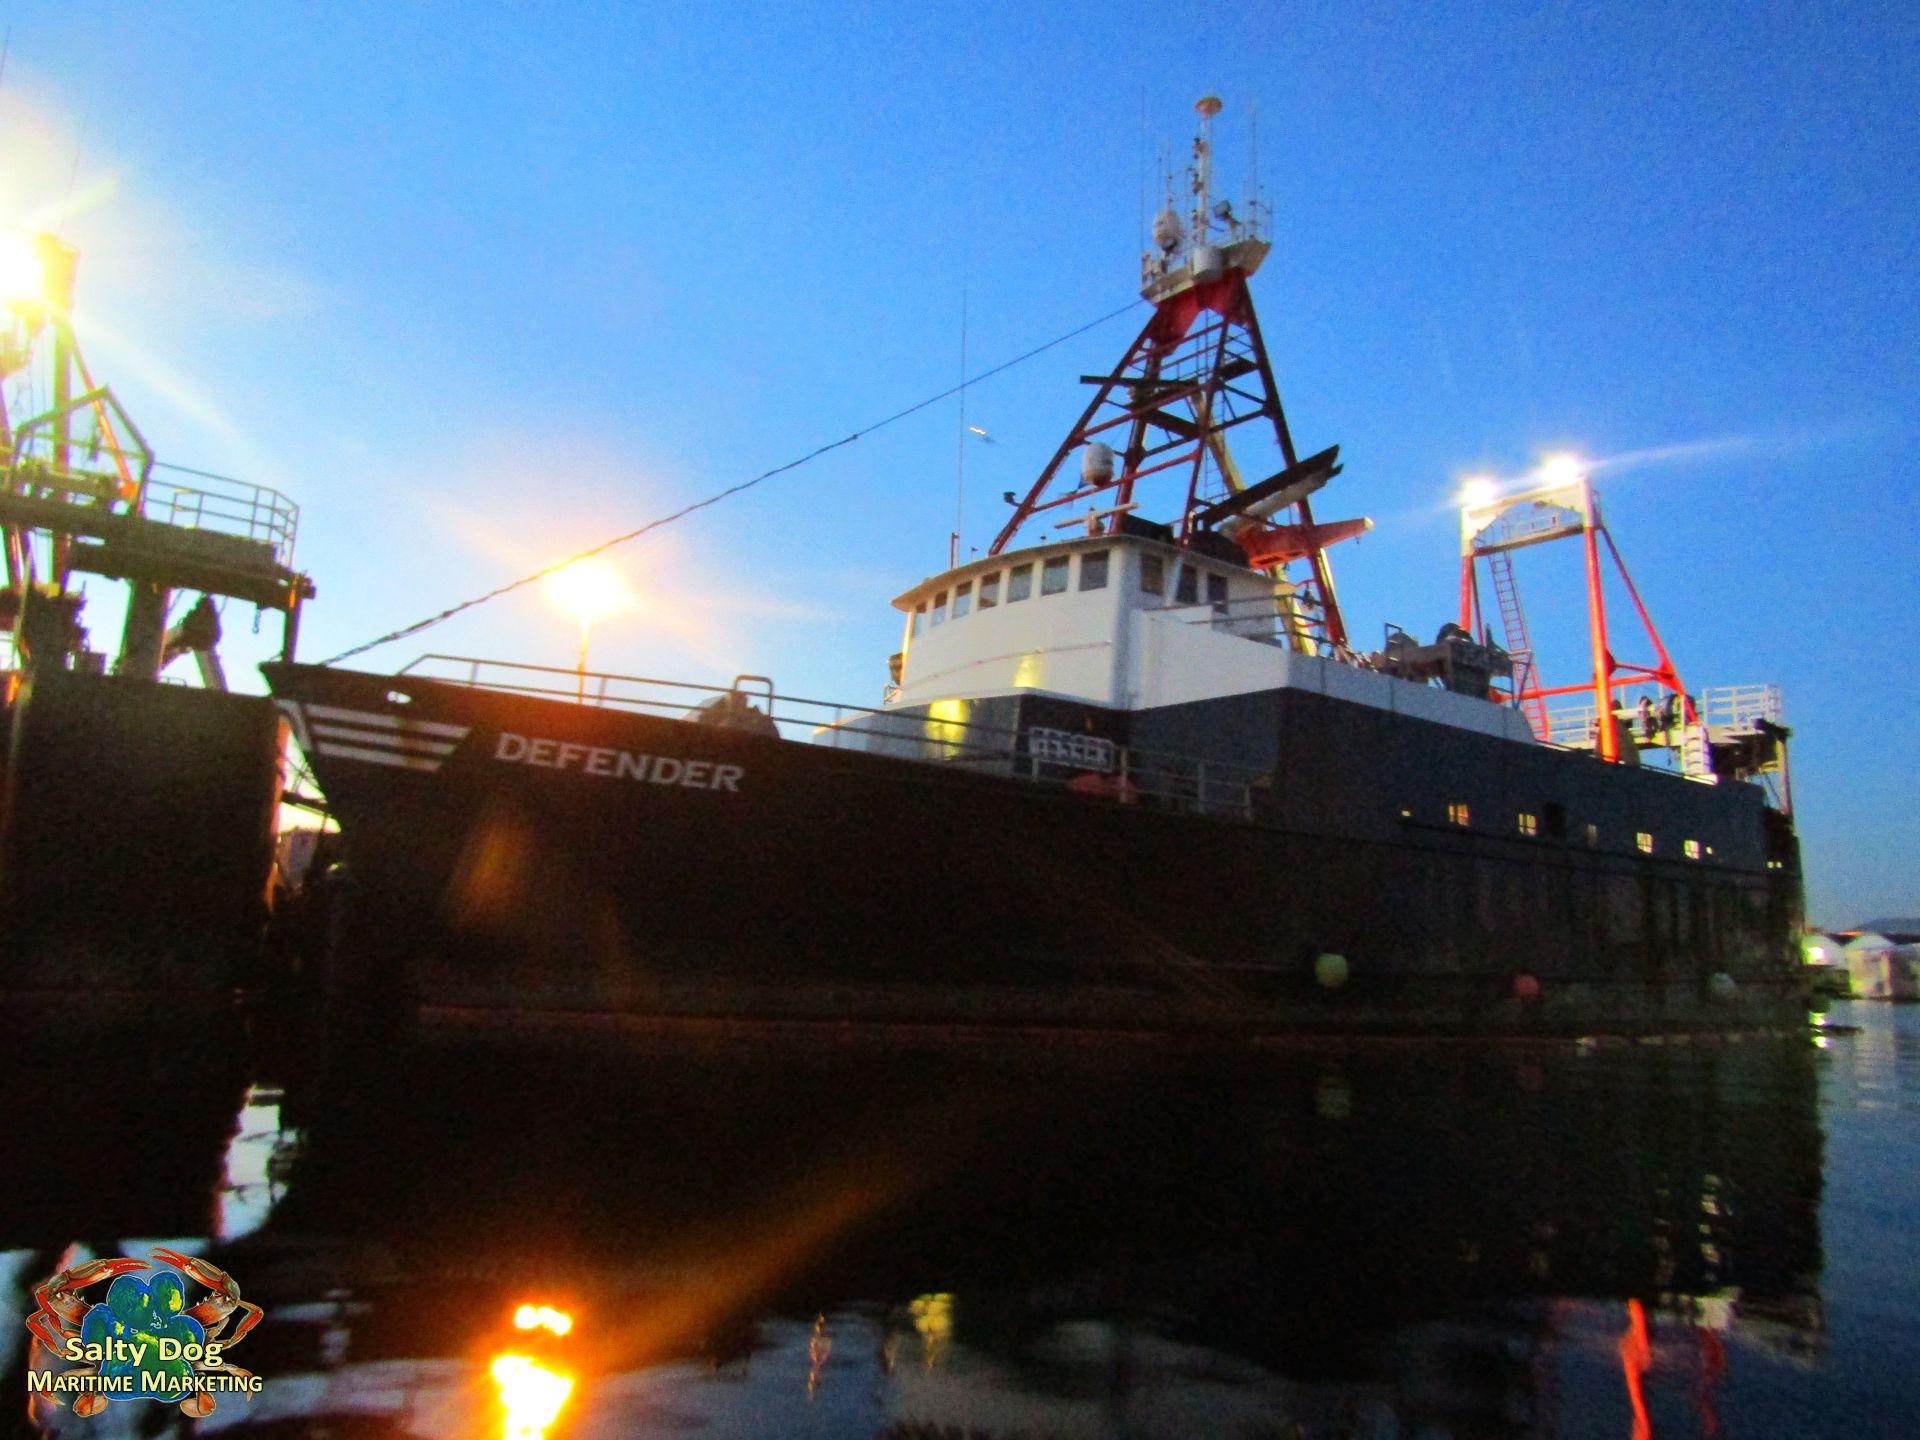 OHara Corporation Fleet, F/T Constellation, F/T Defender